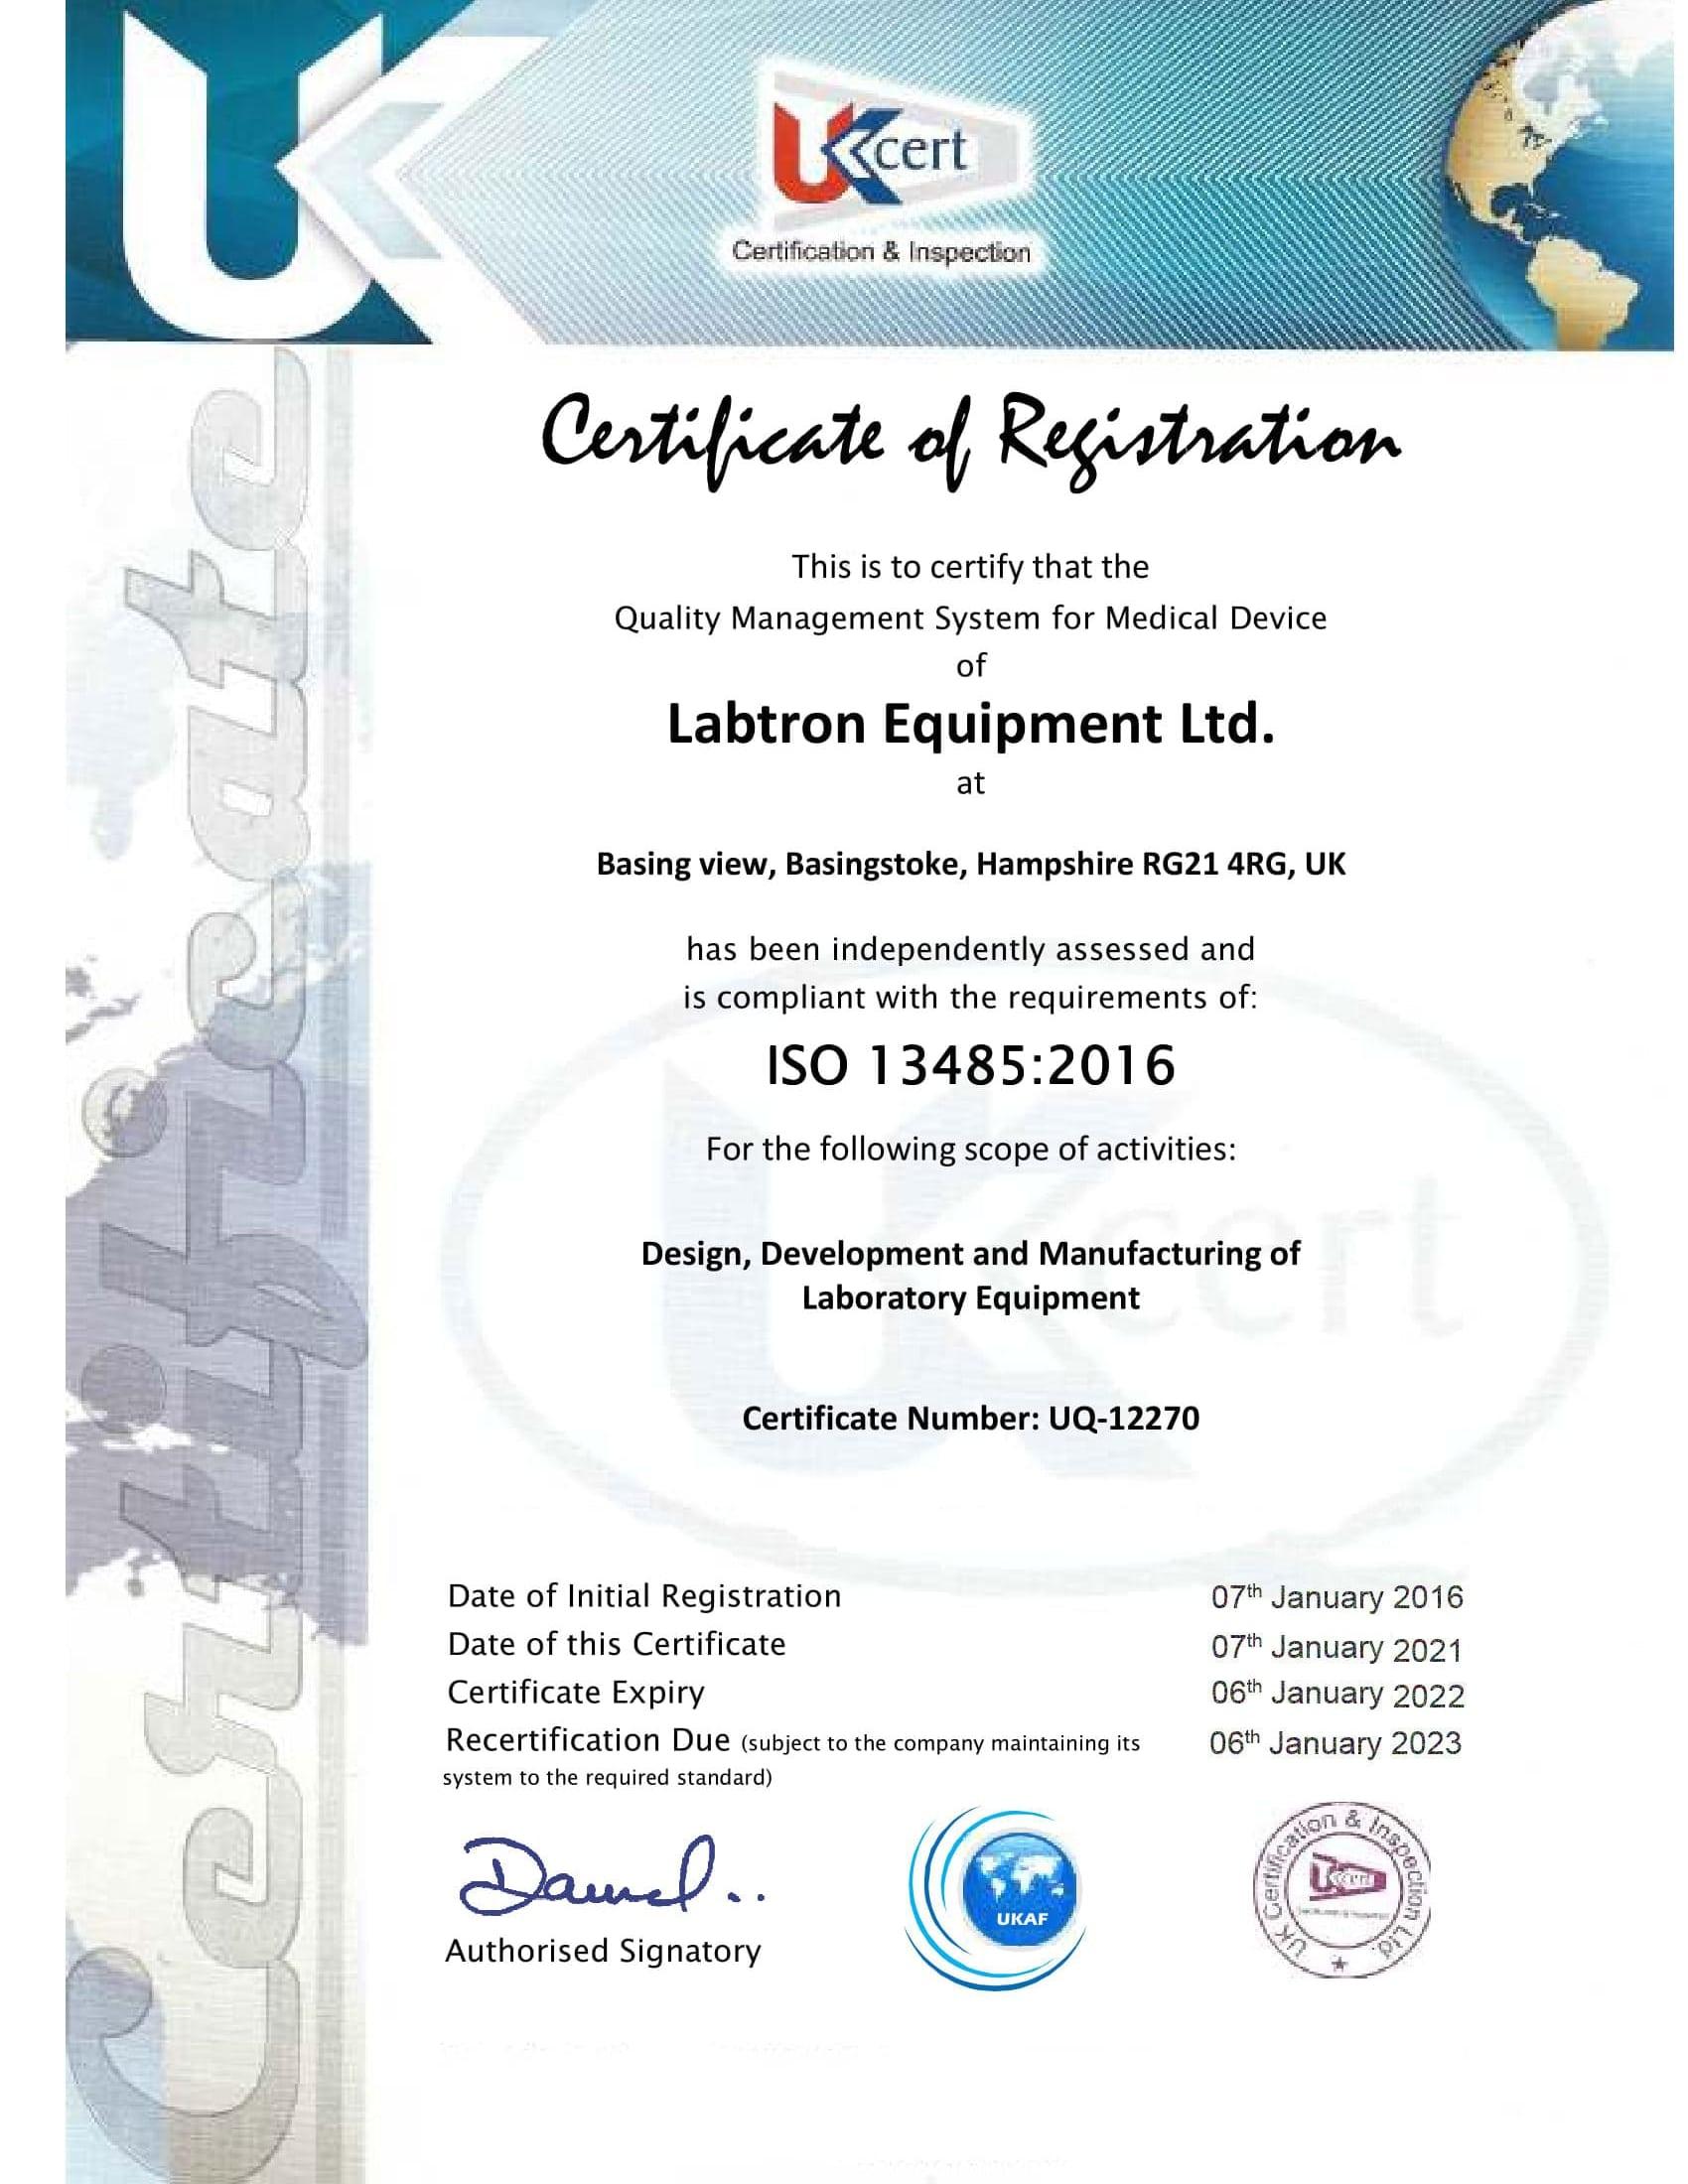 Labtron Equipment Ltd. GMP ISO 13485 UKCert